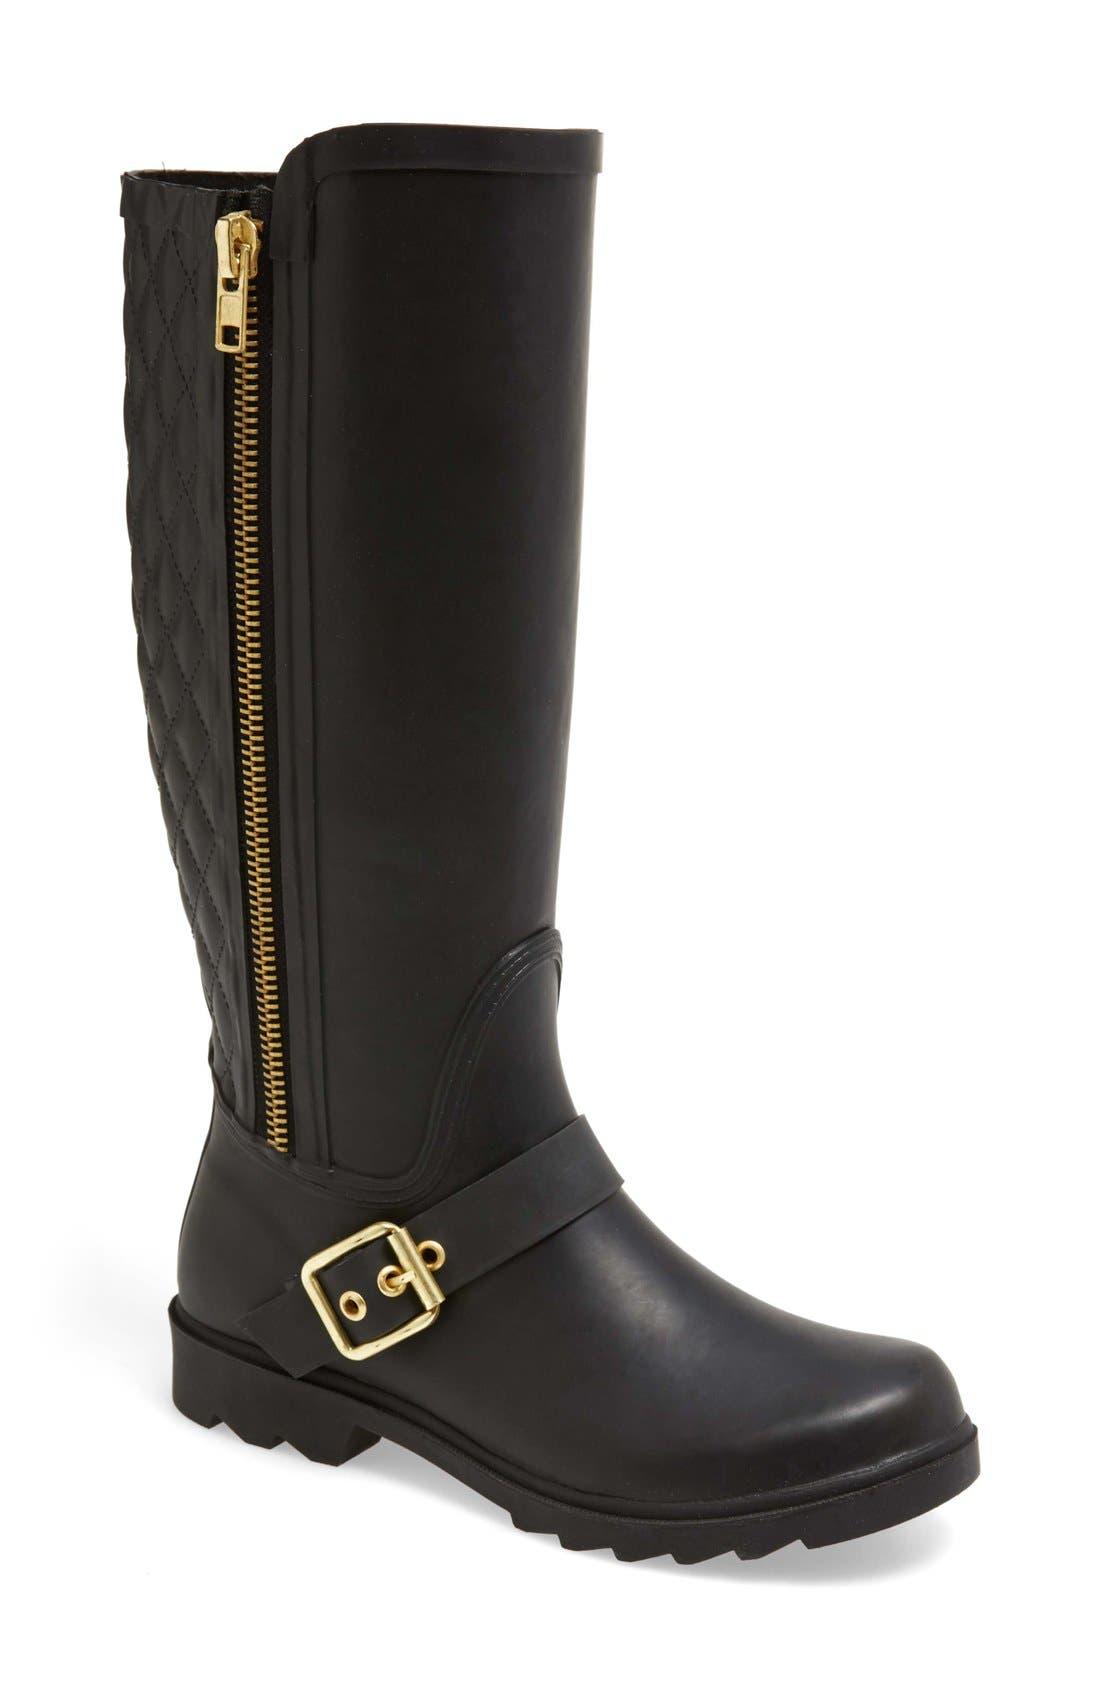 Alternate Image 1 Selected - Steven Madden 'Northpol' TallRain Boot(Women)